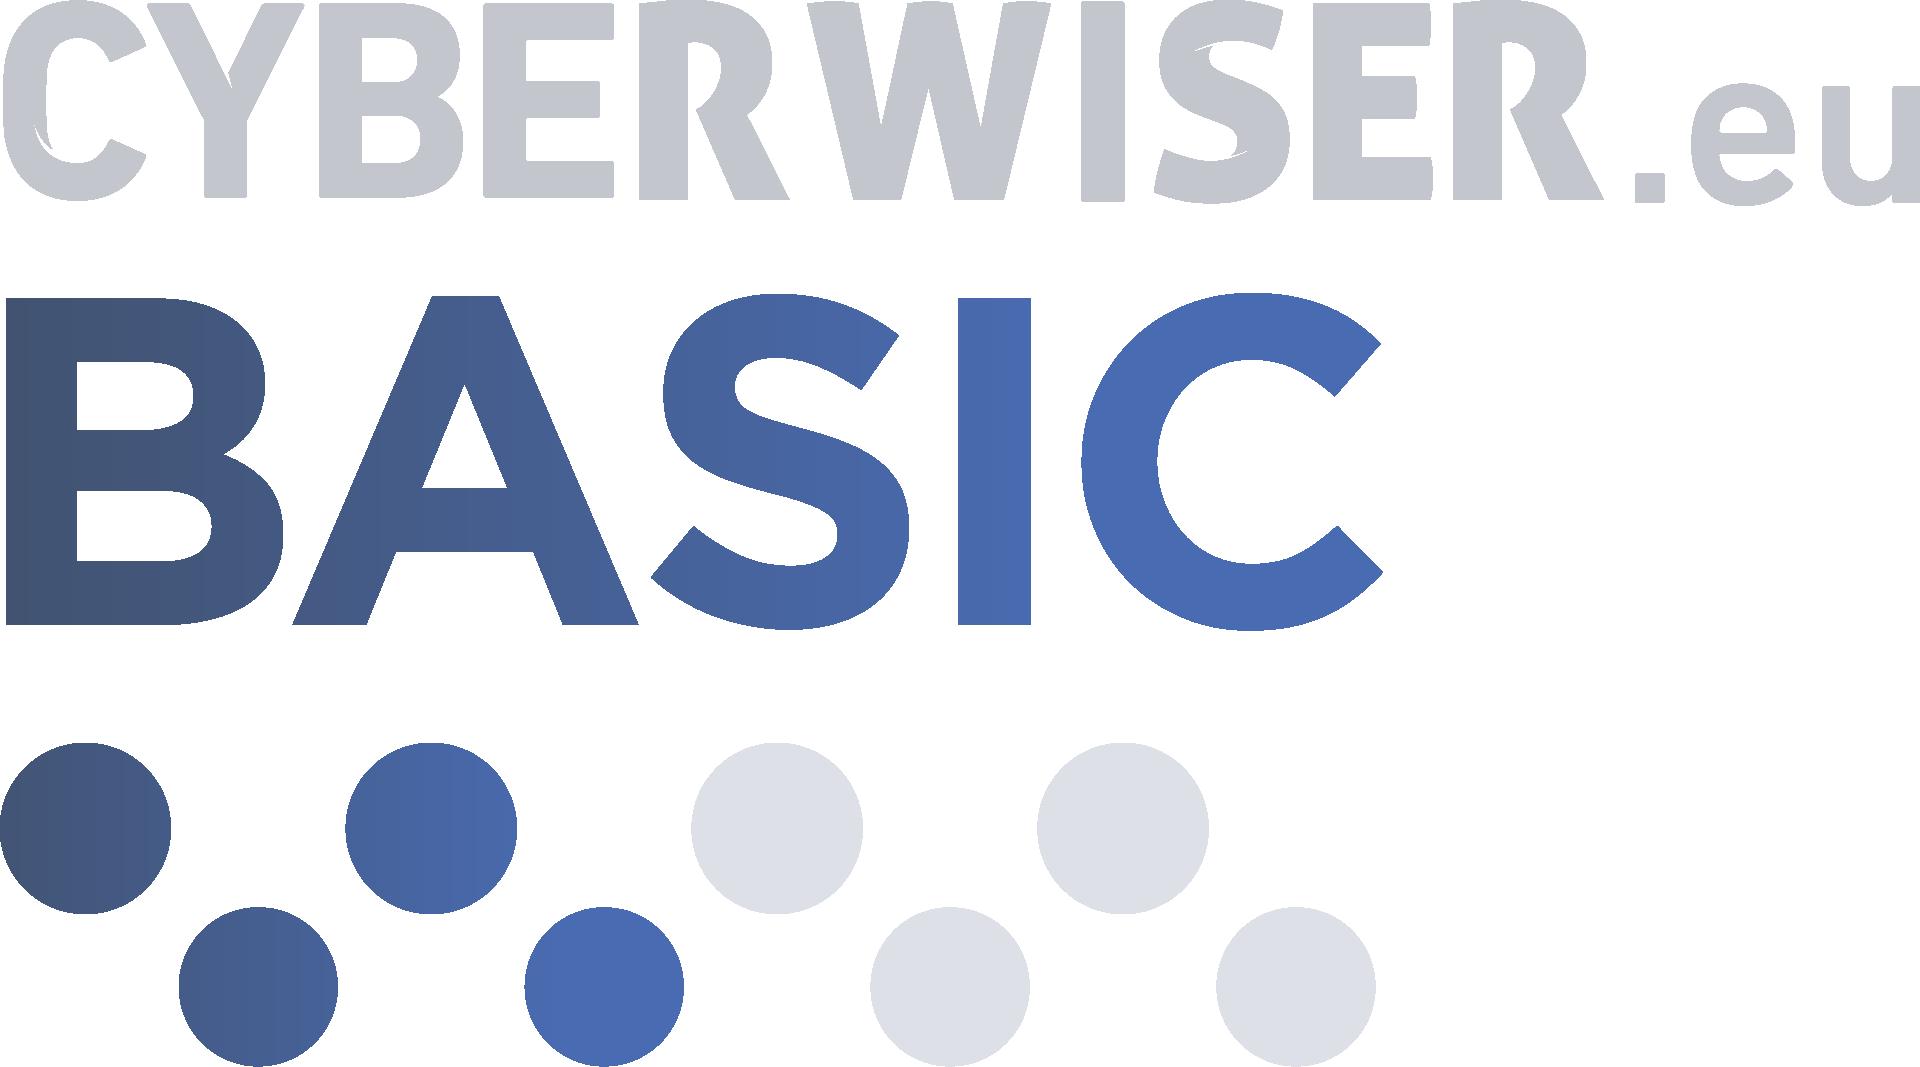 CYBERWISER.eu Basic